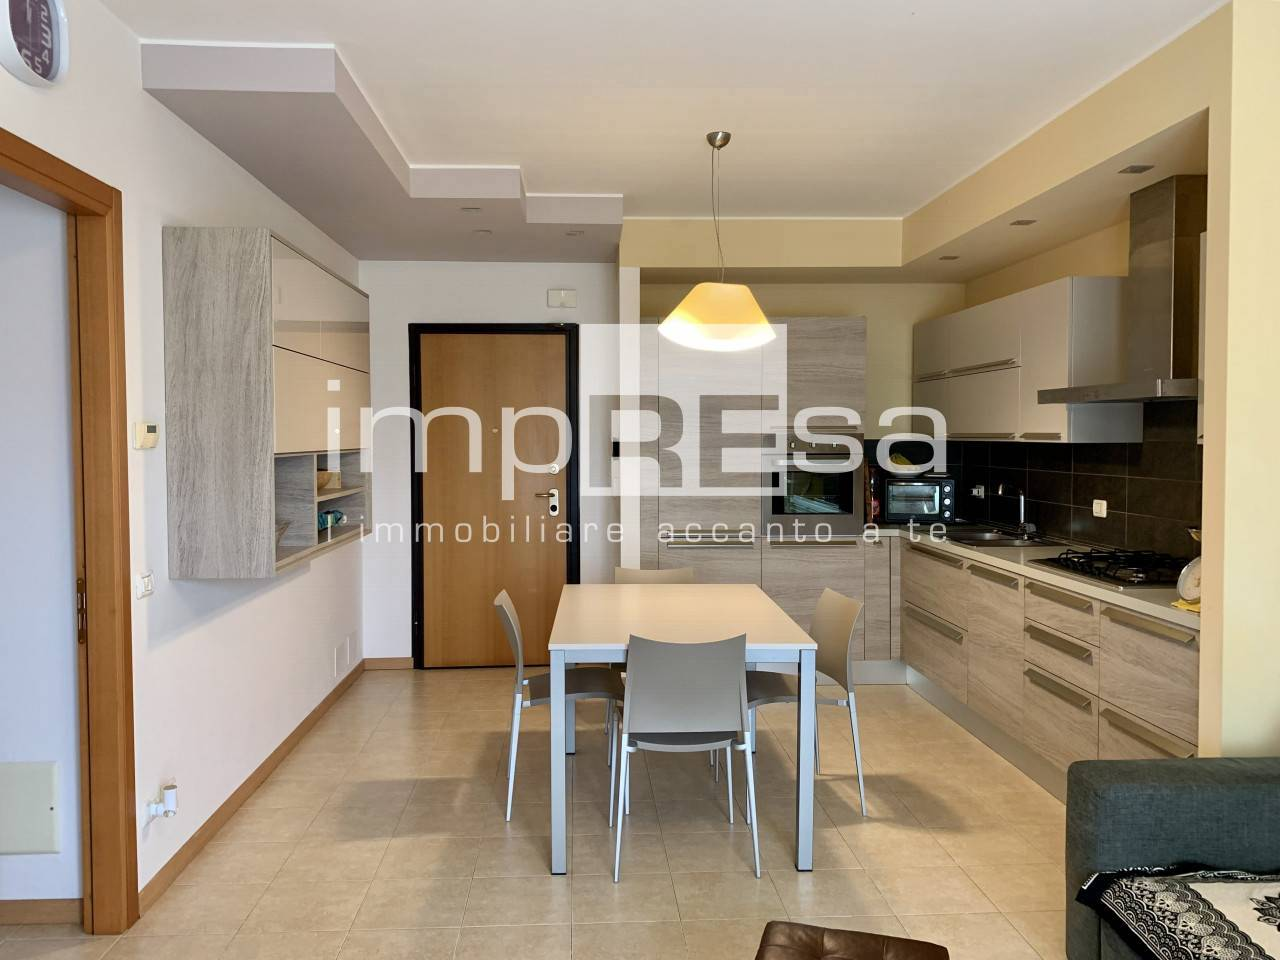 Appartamento in vendita a Salzano, 5 locali, prezzo € 158.000 | PortaleAgenzieImmobiliari.it